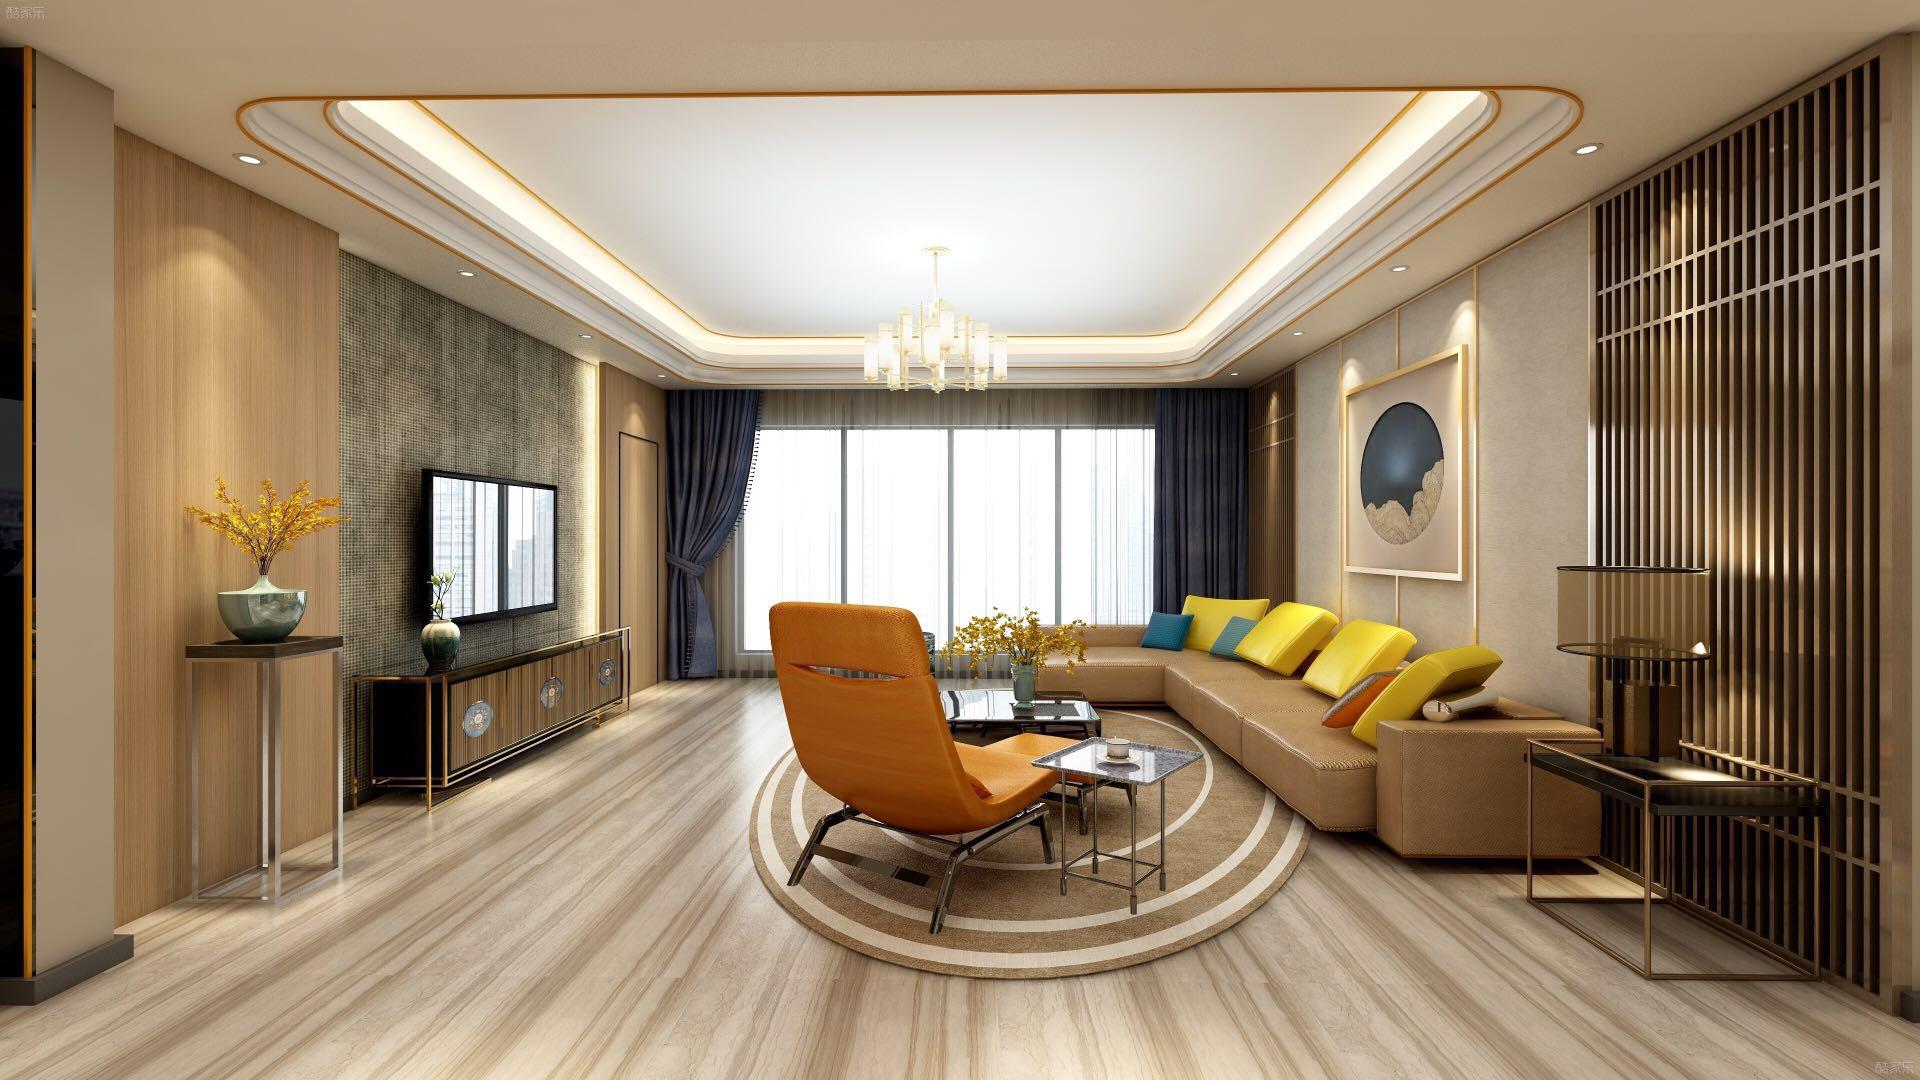 峰景湾4室2厅2卫现代简约装修效果图